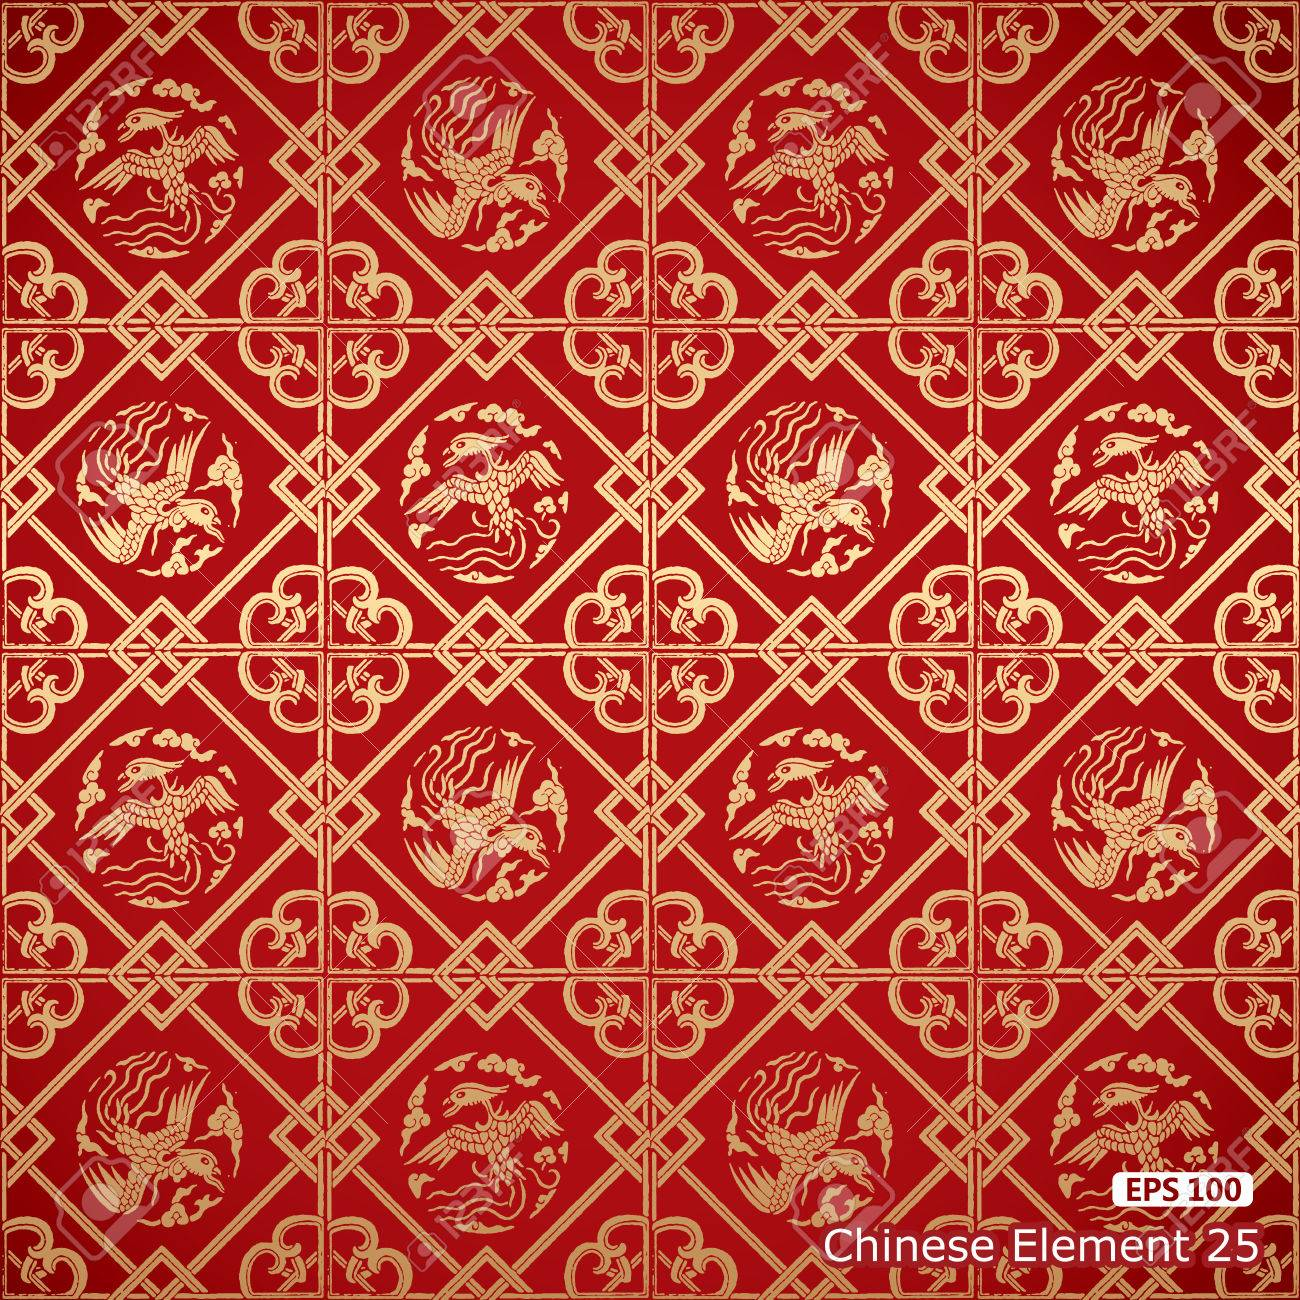 シームレスなダマスク織ヴィンテージ中国壁紙のイラスト素材 ベクタ Image